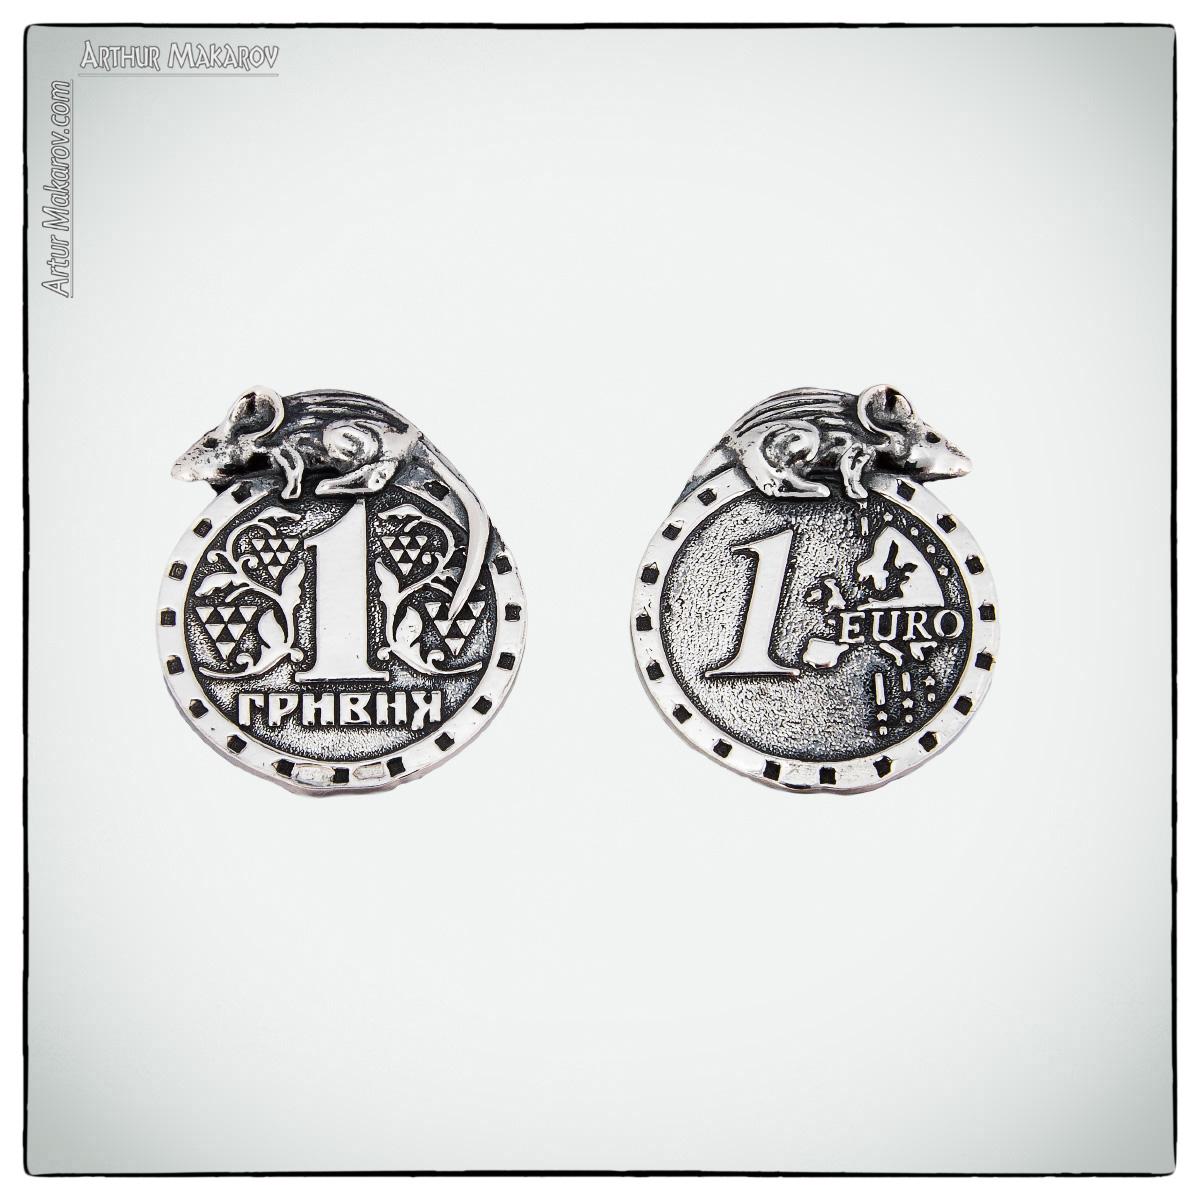 фотосъемка драгоценностей - памятные монеты